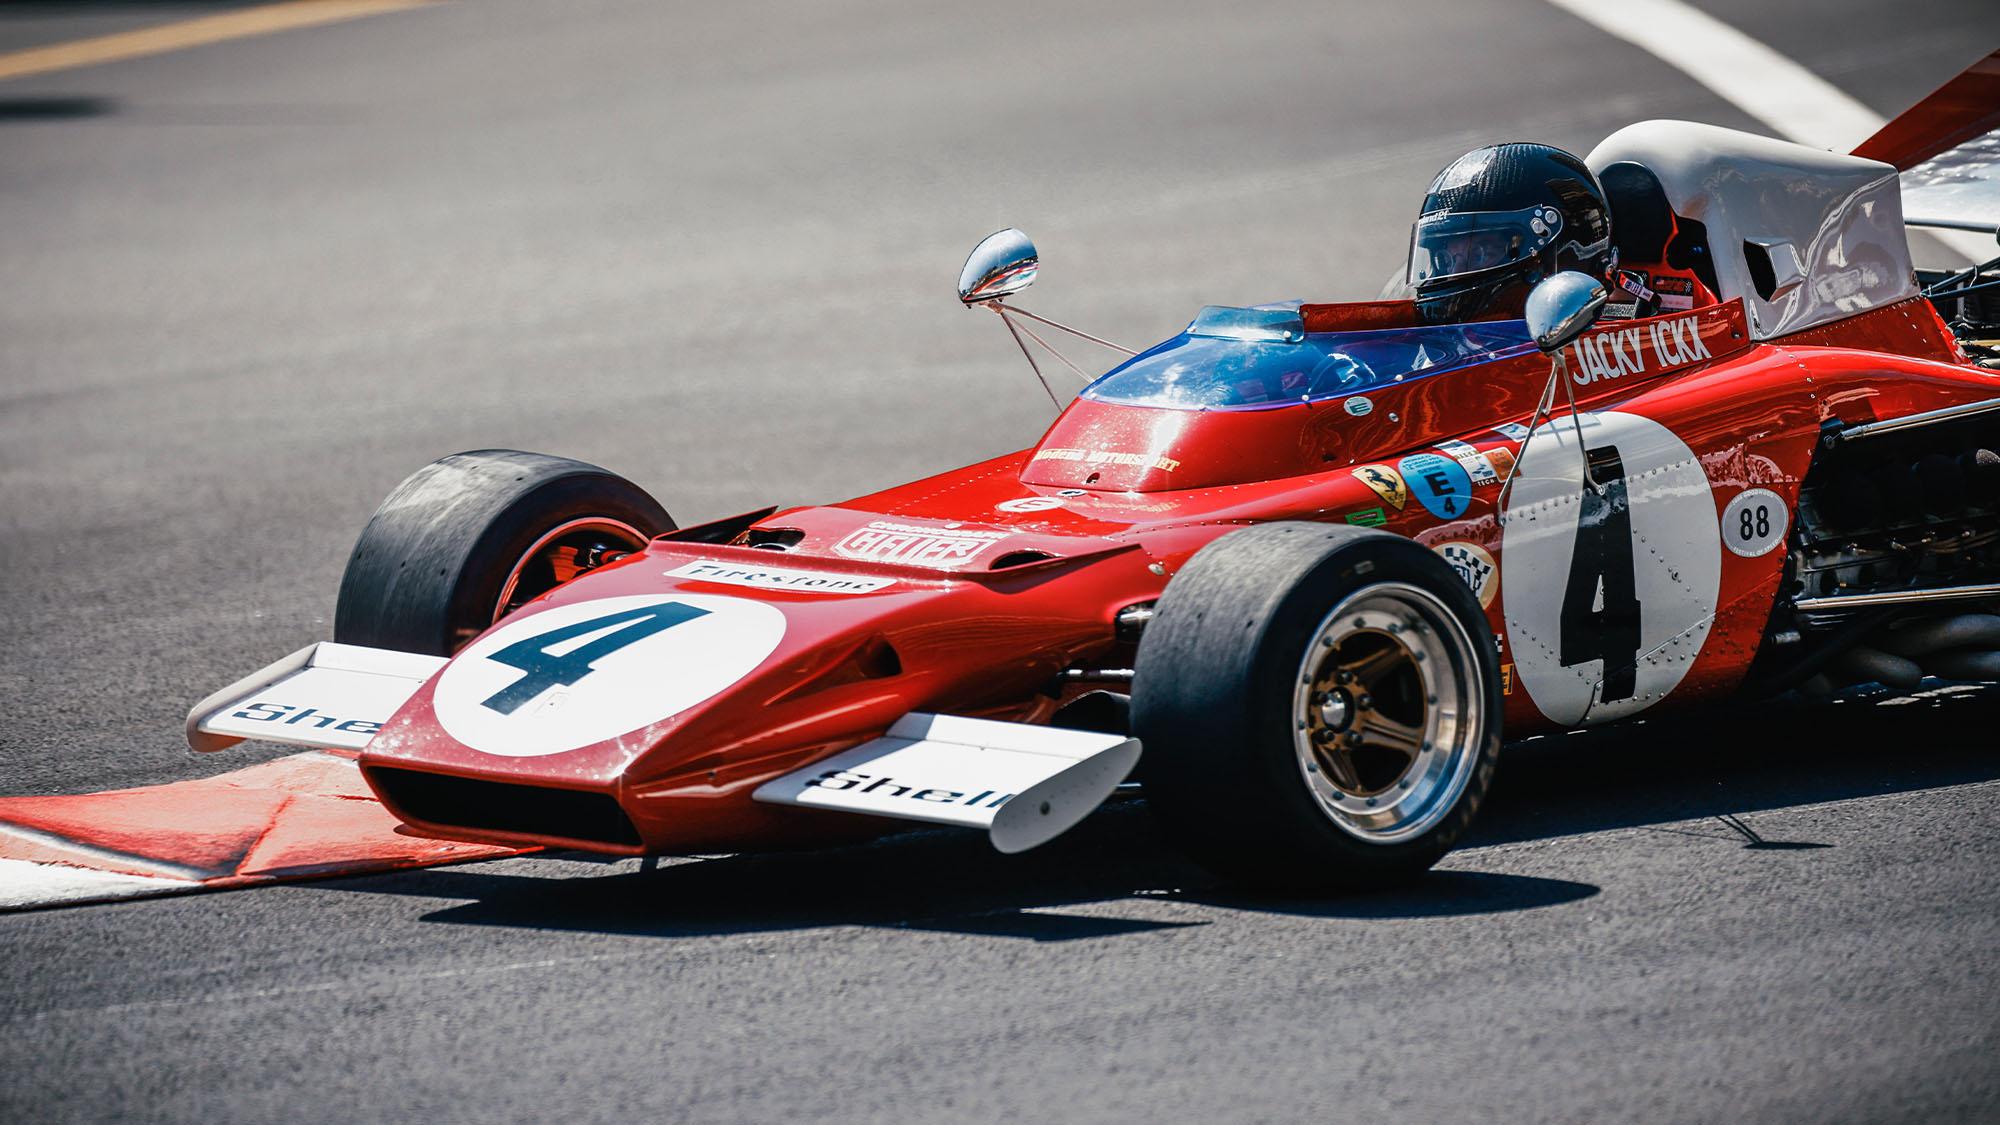 Ickx Ferrari